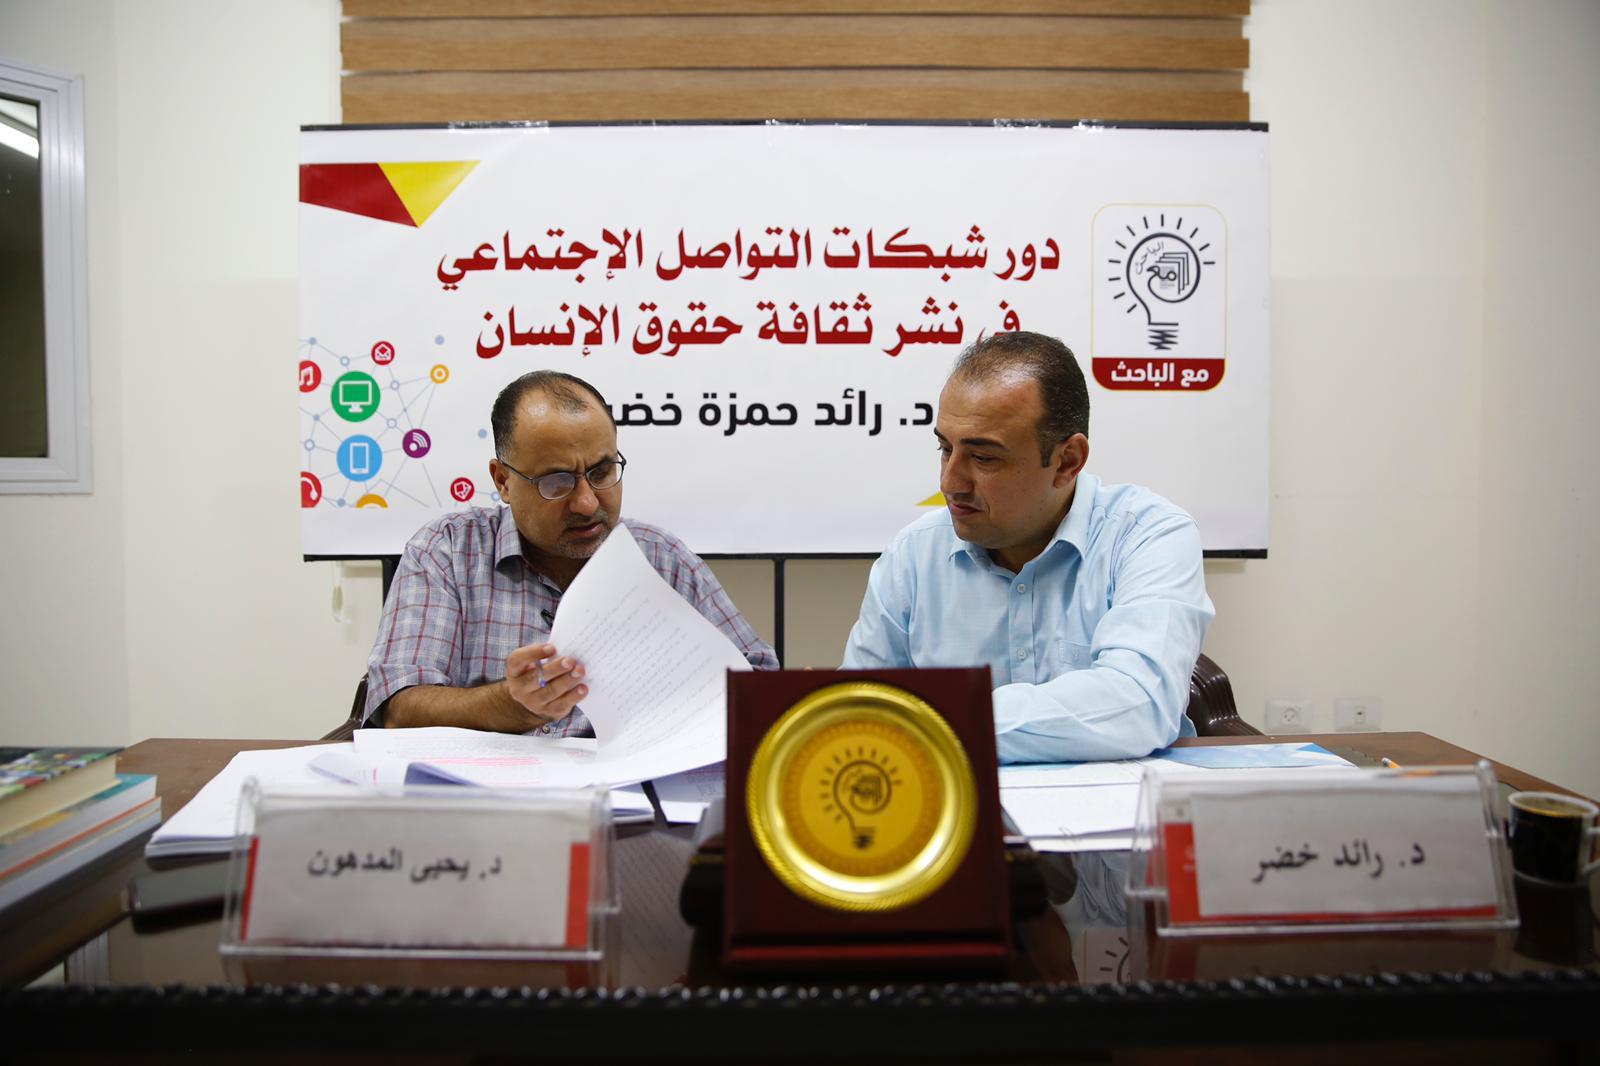 غزة: لقاء أكاديمي يؤكد أهمية الإعلام الاجتماعي في نشر ثقافة حقوق الإنسان